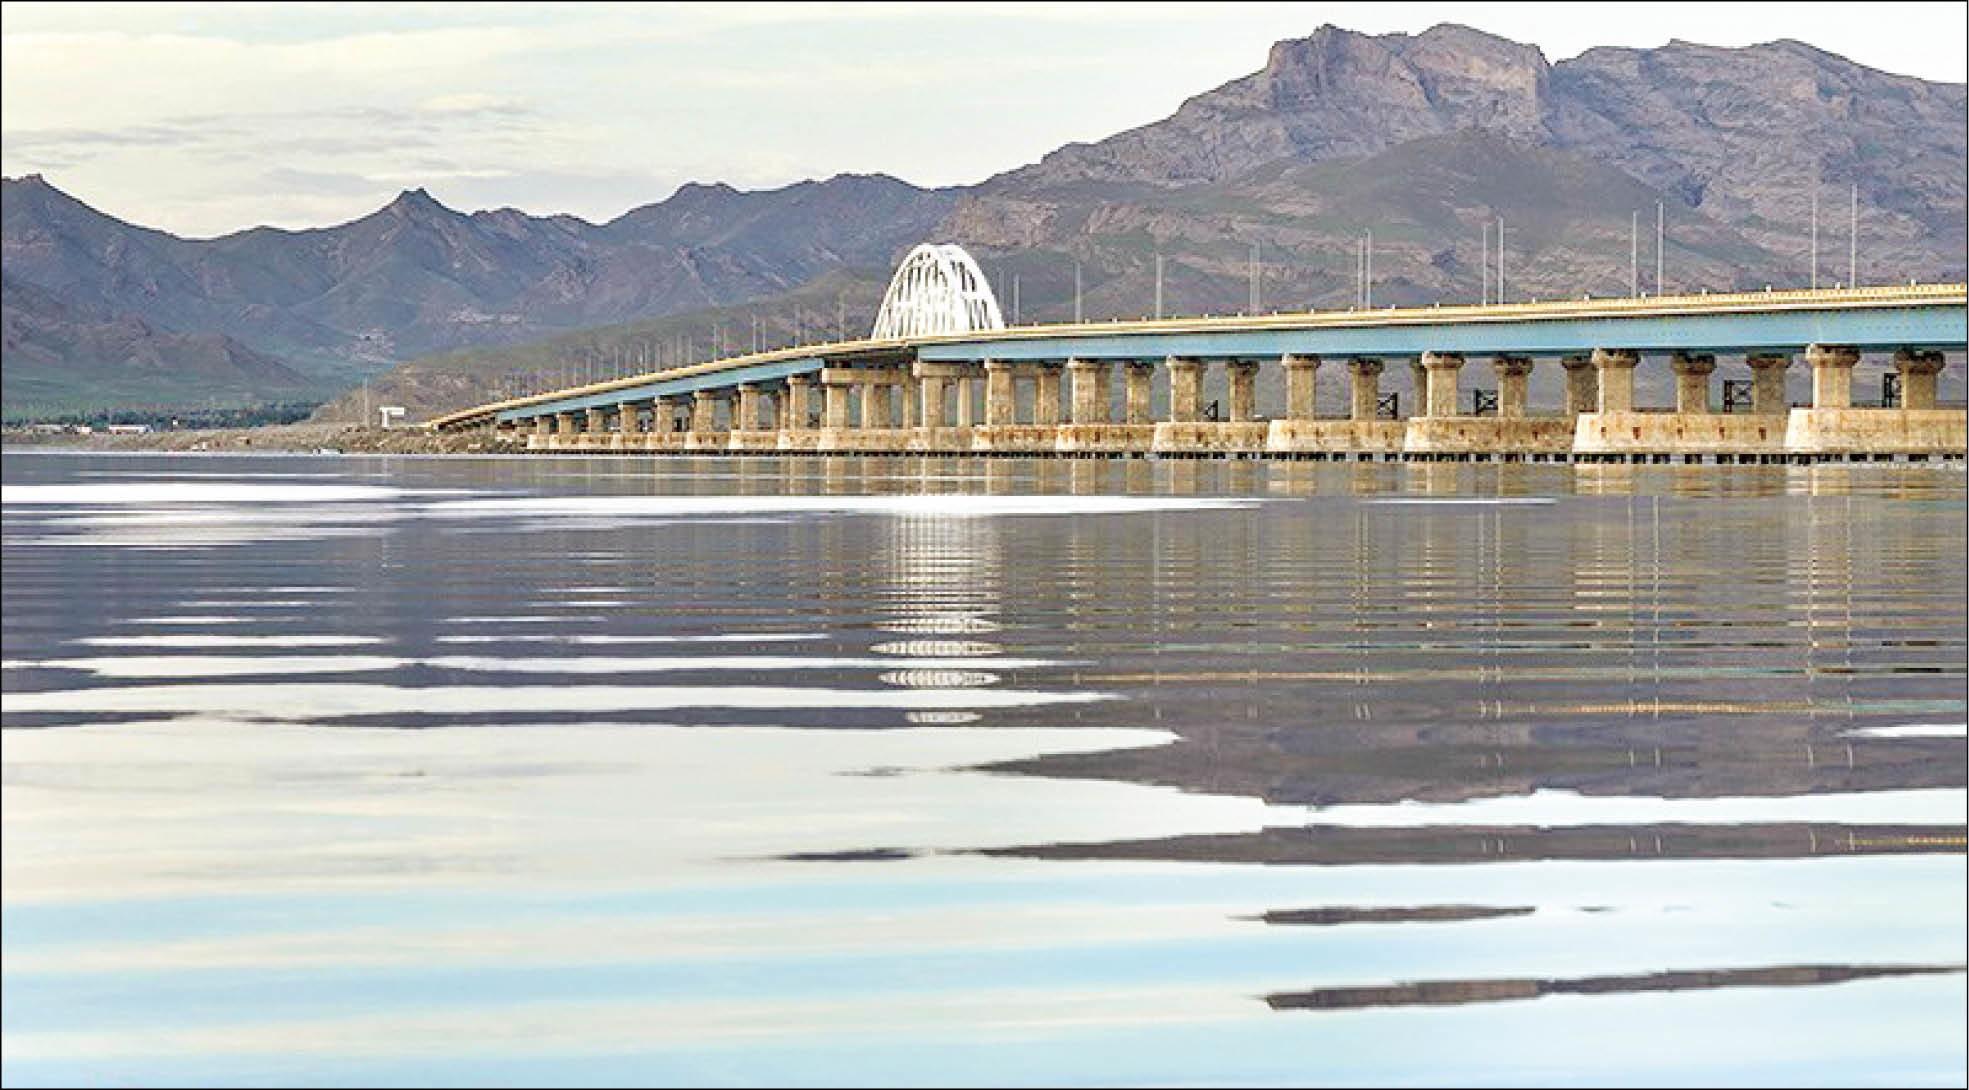 بازگشت تدریجی زندگی به دریاچه ارومیه/ حجم آب از ۵ میلیارد مترمکعب گذشت